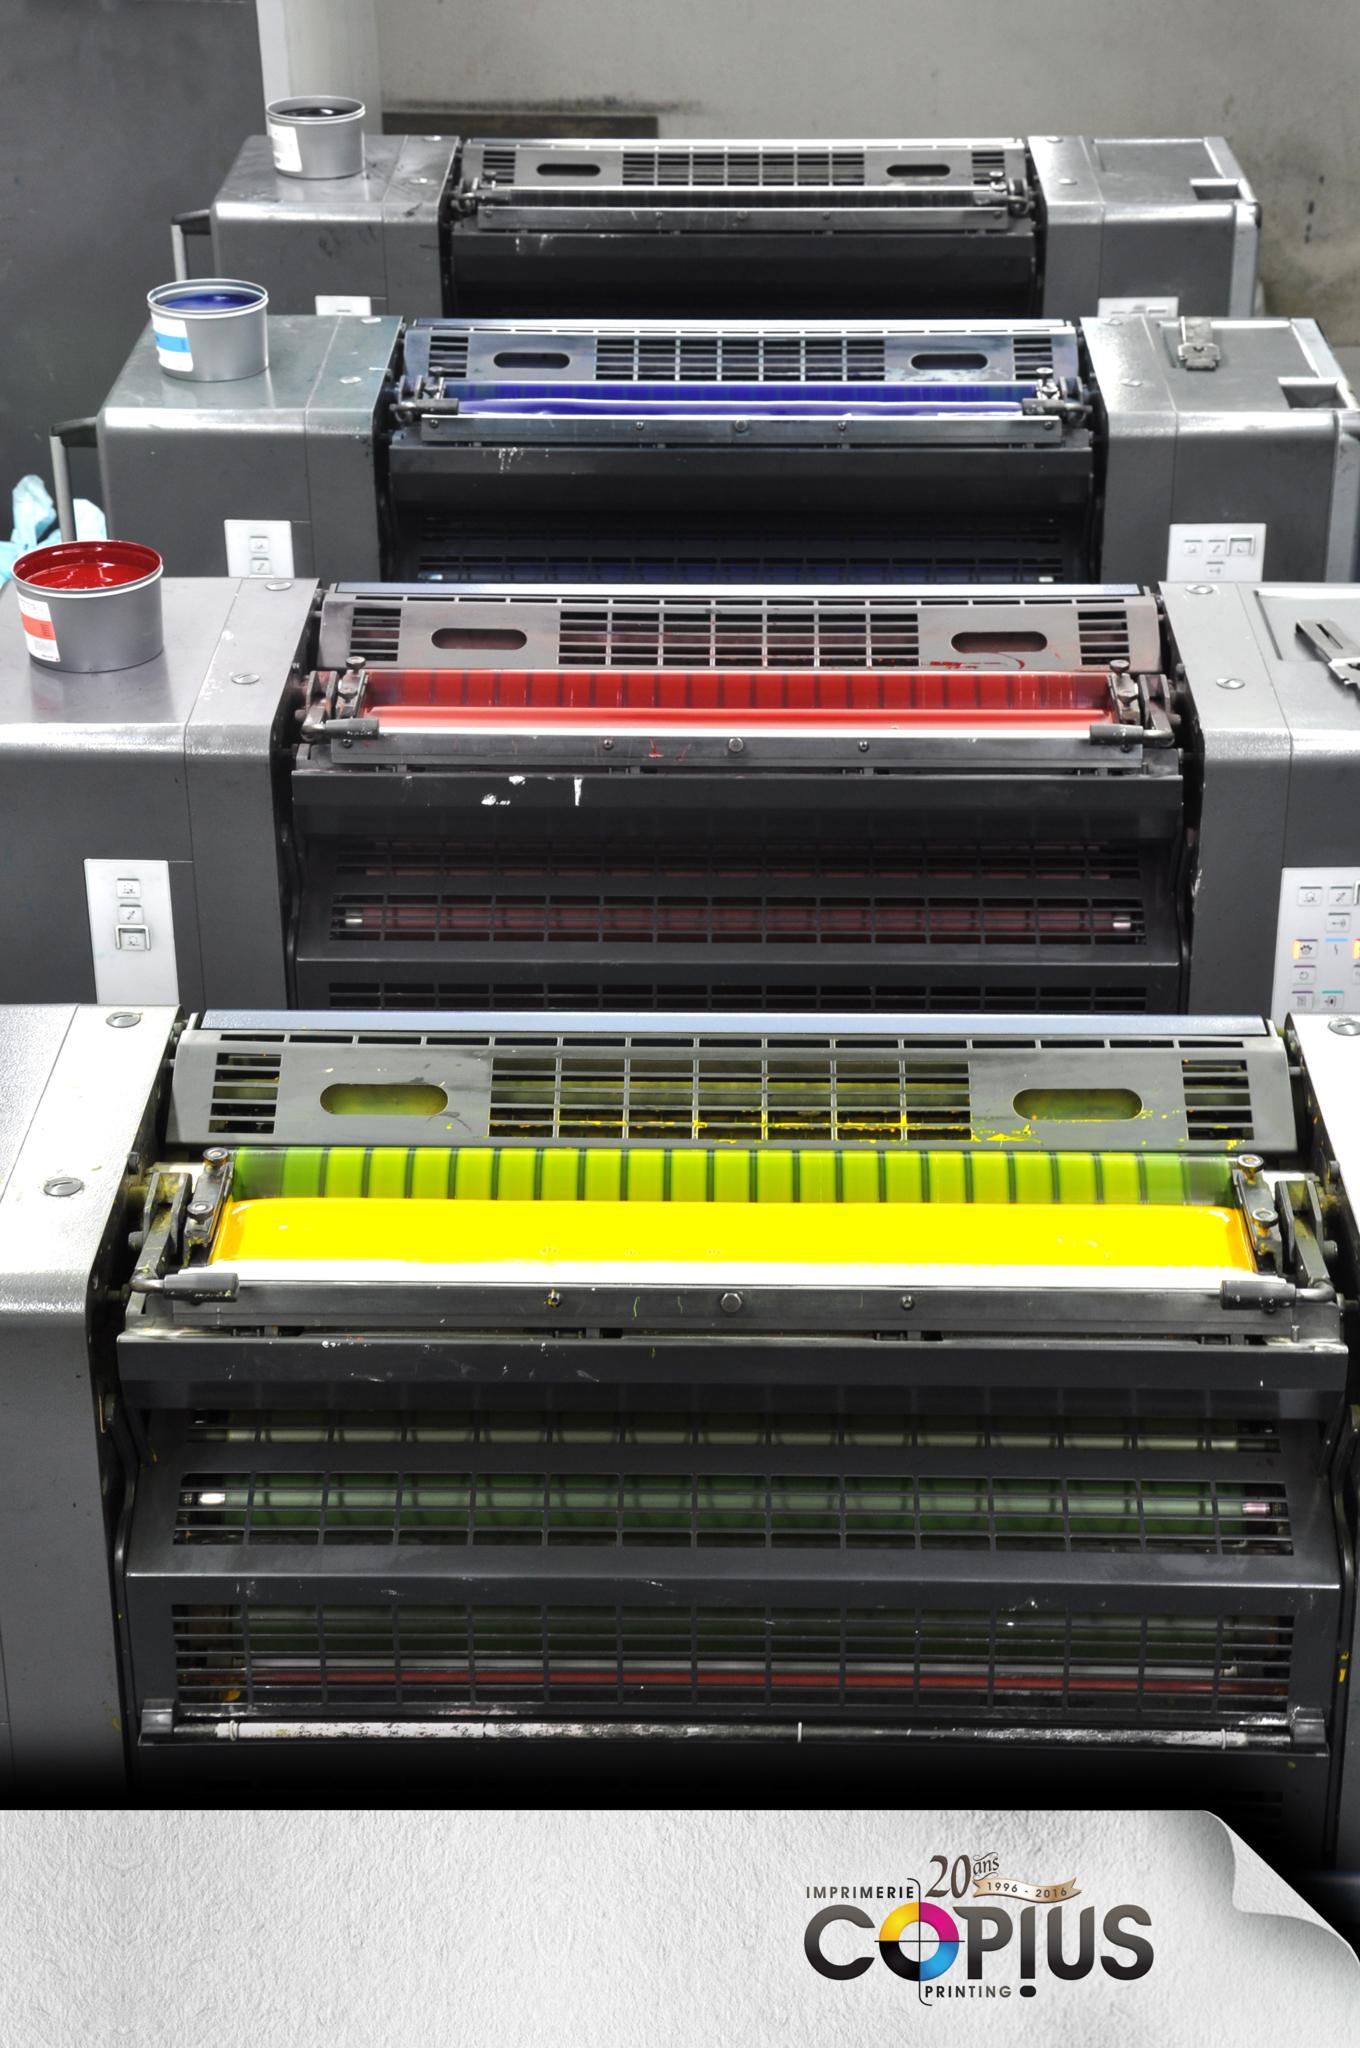 Copius Imprimerie Printing Inc à Gatineau